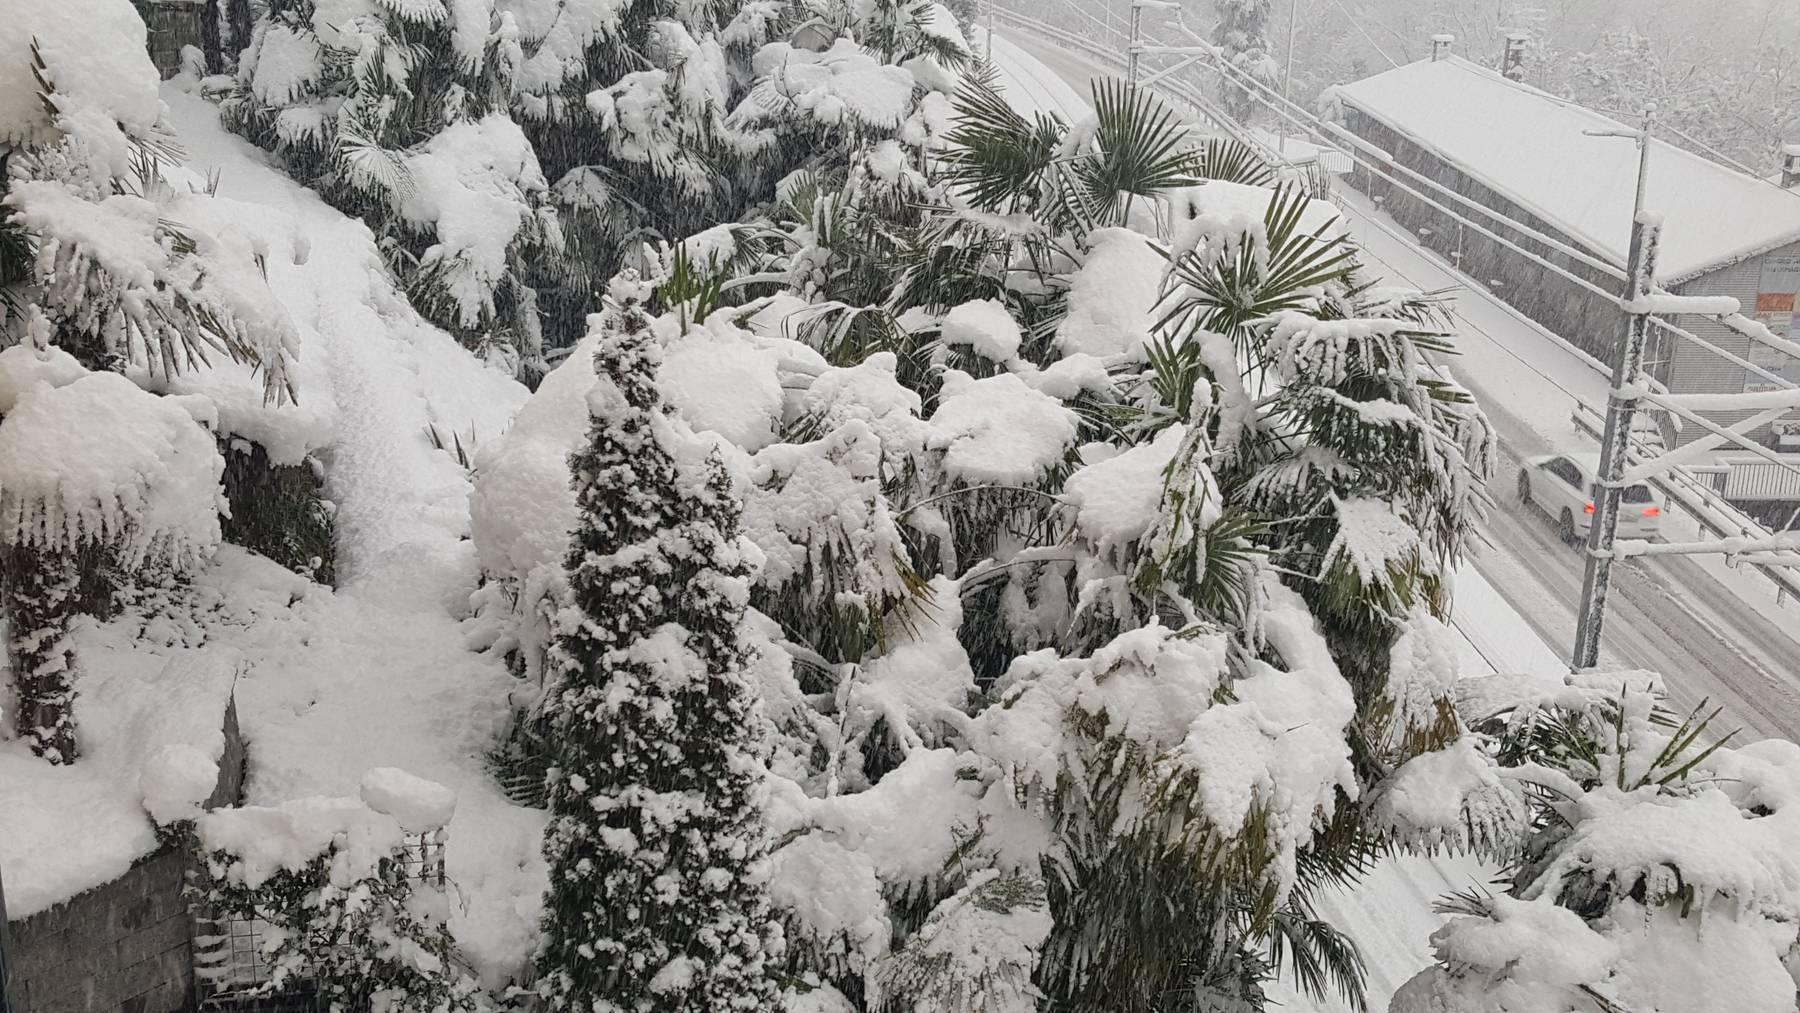 Schnee auf Palmen: In Locarno meldete sich in der Nacht auf Montag der Winter zurück.